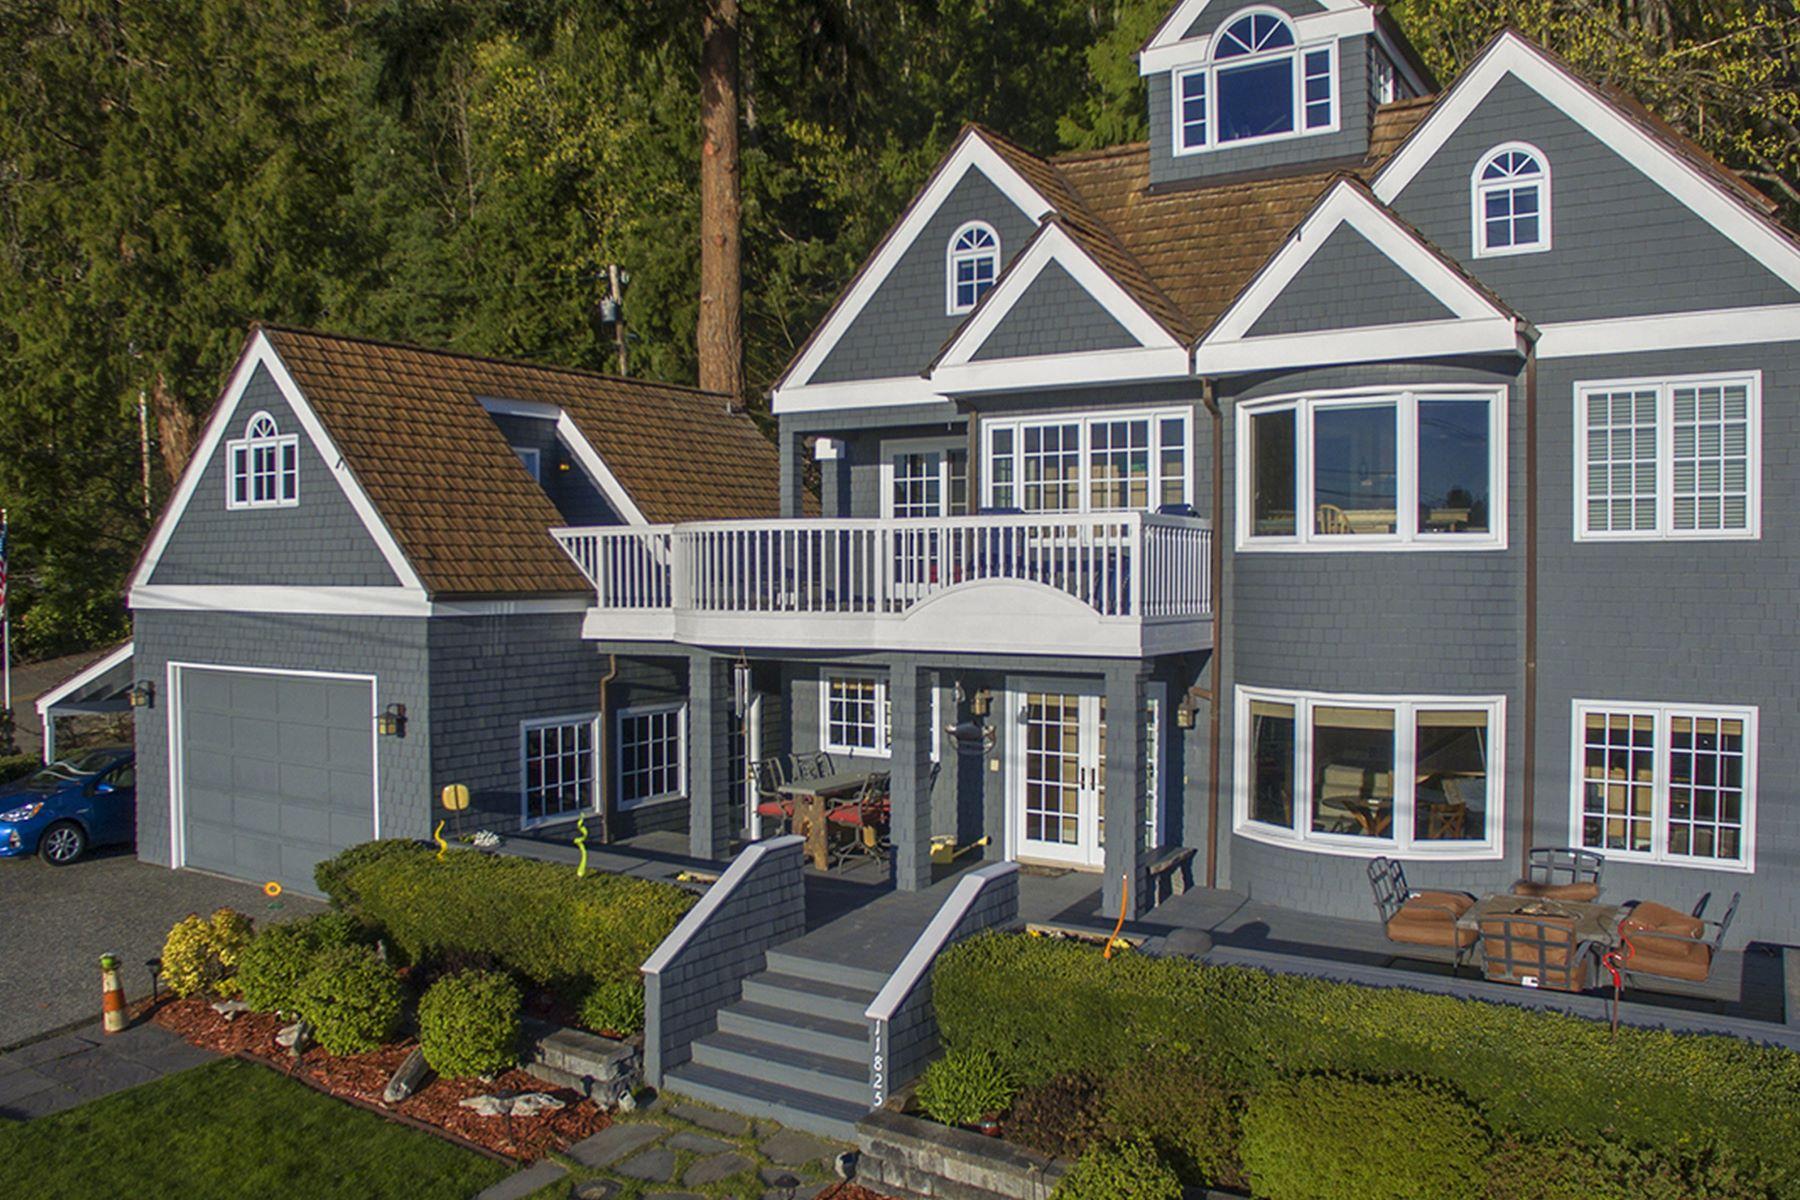 Maison unifamiliale pour l Vente à 11825 Tulare Wy W, Tulalip 98271 Tulalip, Washington 98271 États-Unis